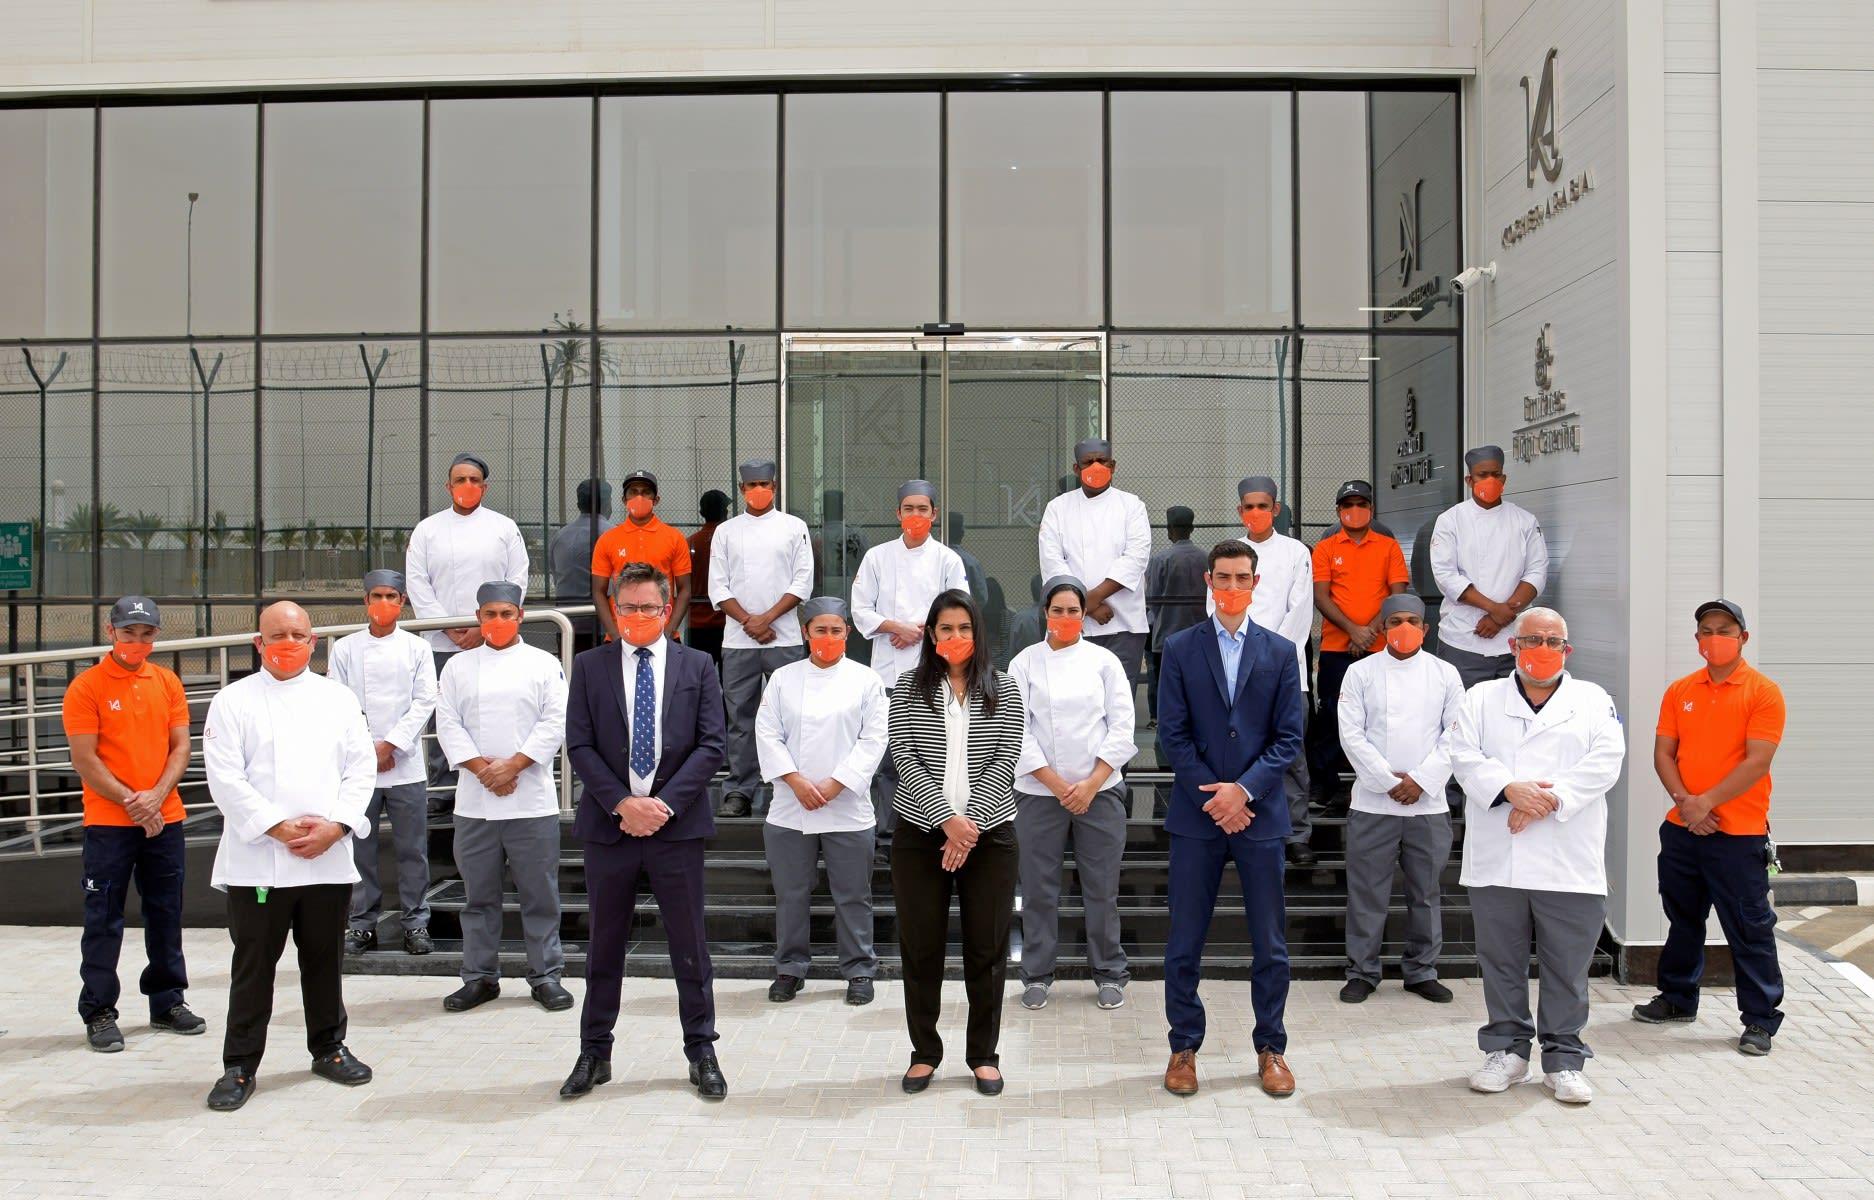 """في دبي.. افتتاح """"كوشر أرابيا"""" لتصبح من أوائل منتجي أطعمة الكوشر المعتمدين بالإمارات"""